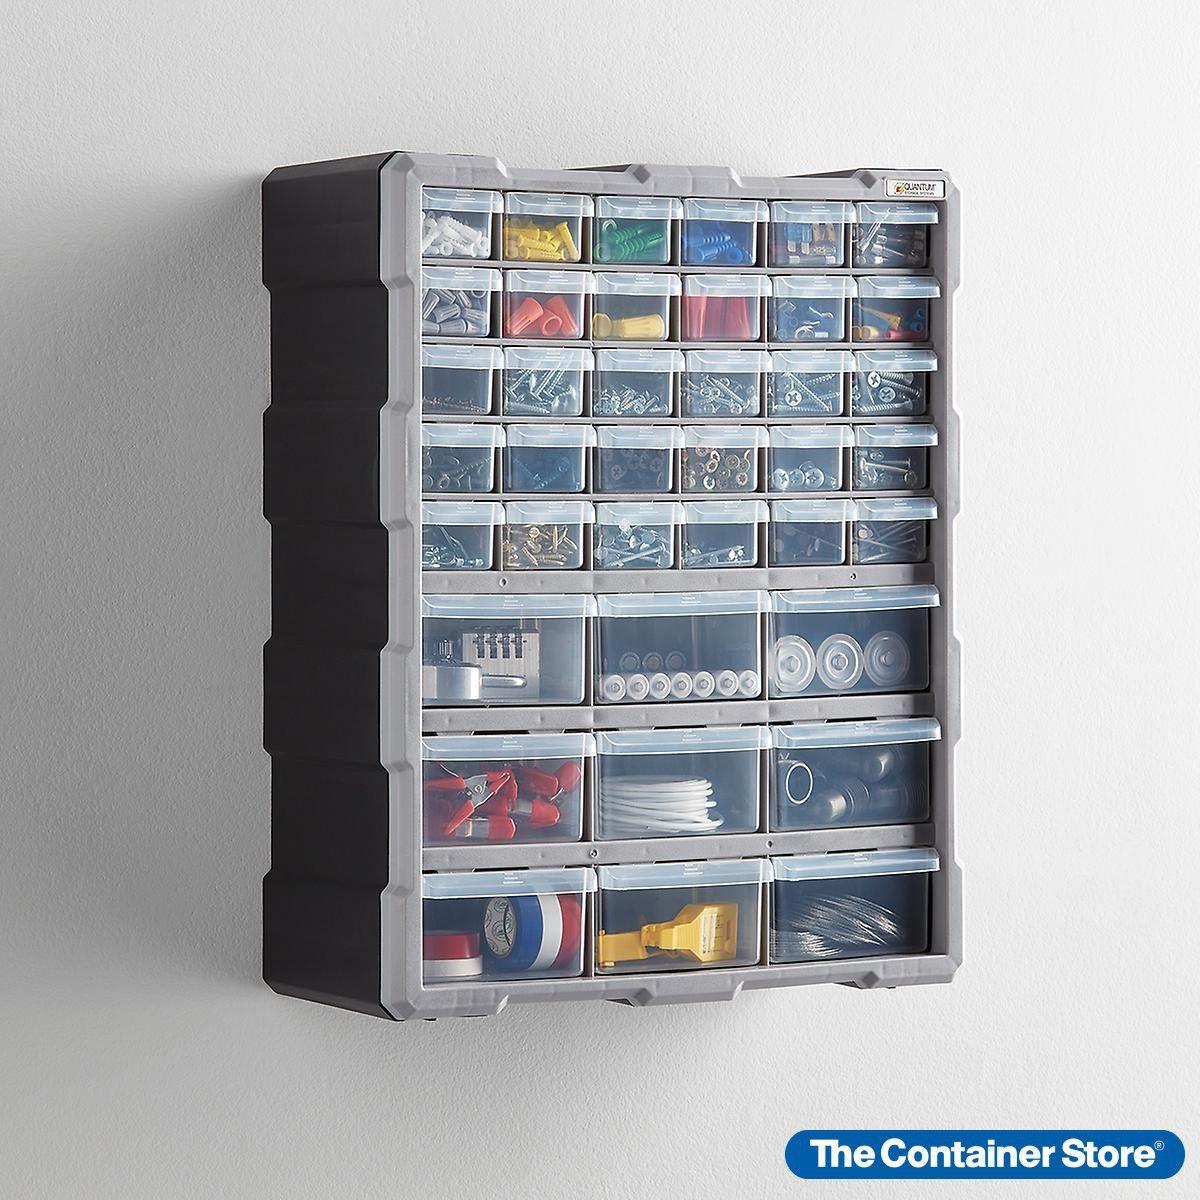 39 Drawer Storage Cabinet Storage Drawers Drawers Storage Small storage cabinet with drawers